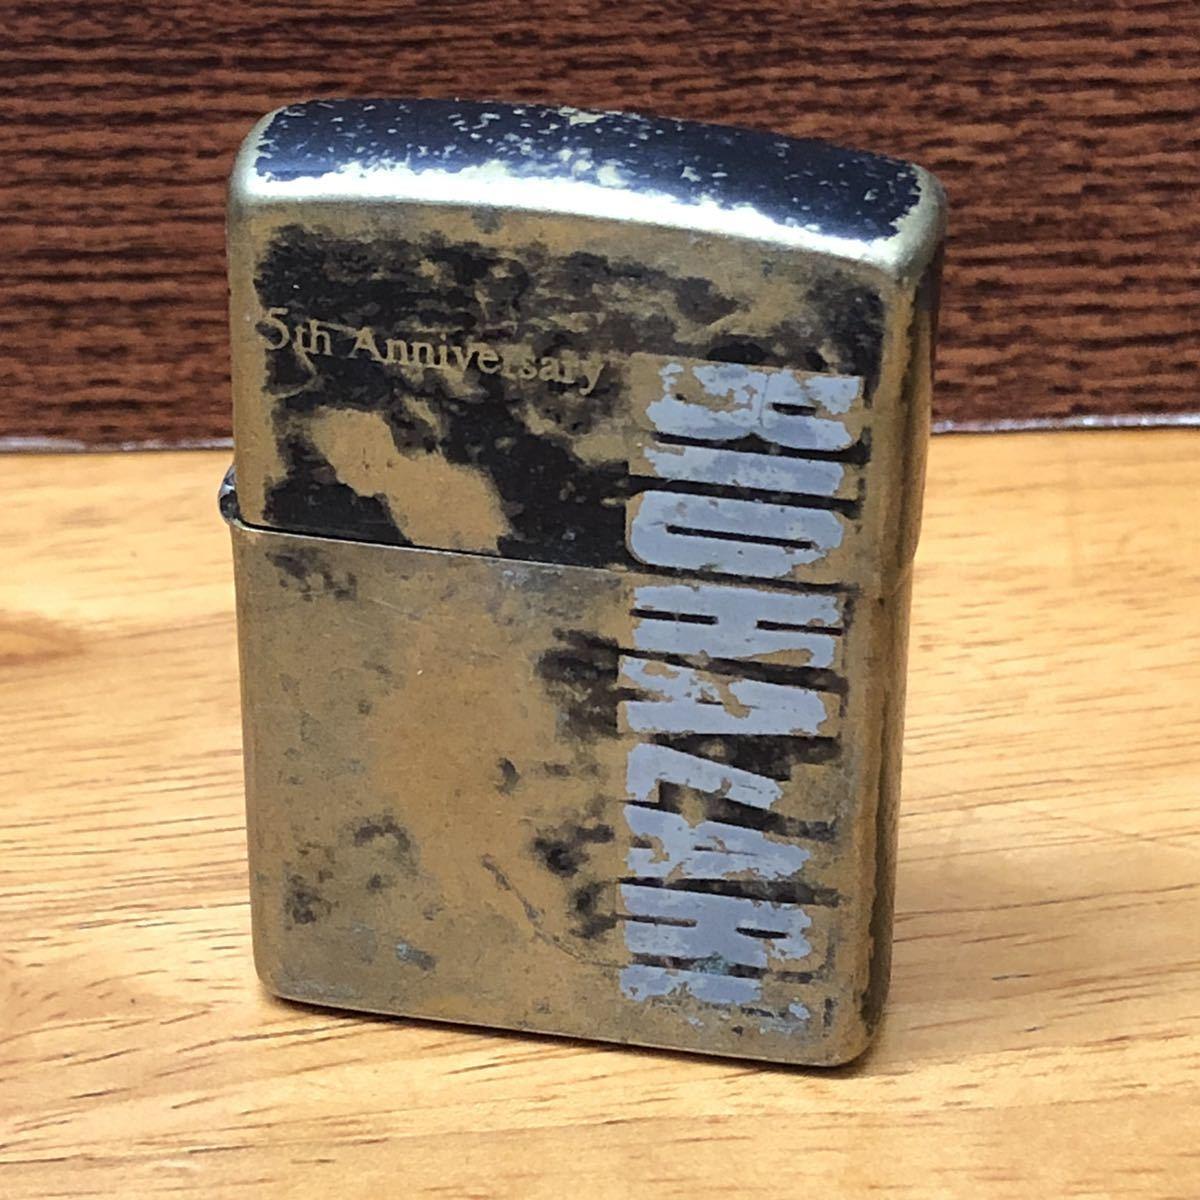 ★ コレクター必見!! ★ ZIPPO ジッポ バイオハザード 5周年 5th Anniversary 2000年 10月製 BIOHAZARD オイルライター 喫煙具 ★CE0